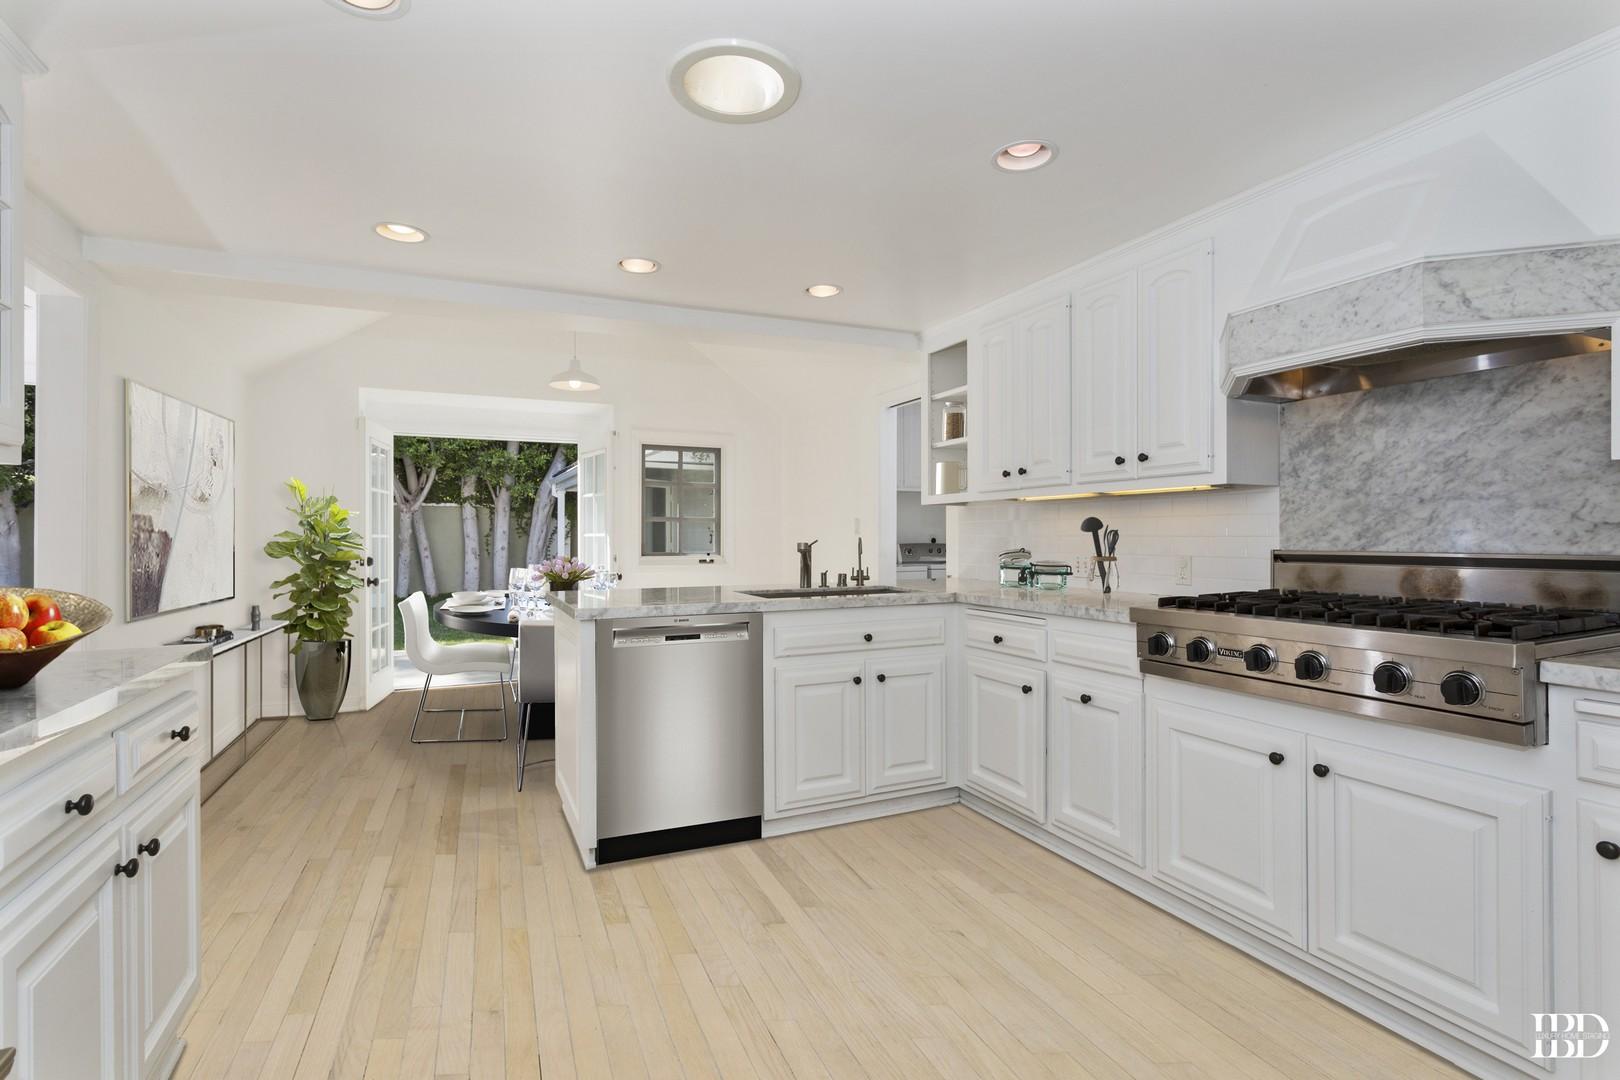 523 Chapala,Pacific Palisades,California 90272,4 Bedrooms Bedrooms,5 BathroomsBathrooms,Home,Chapala,1050